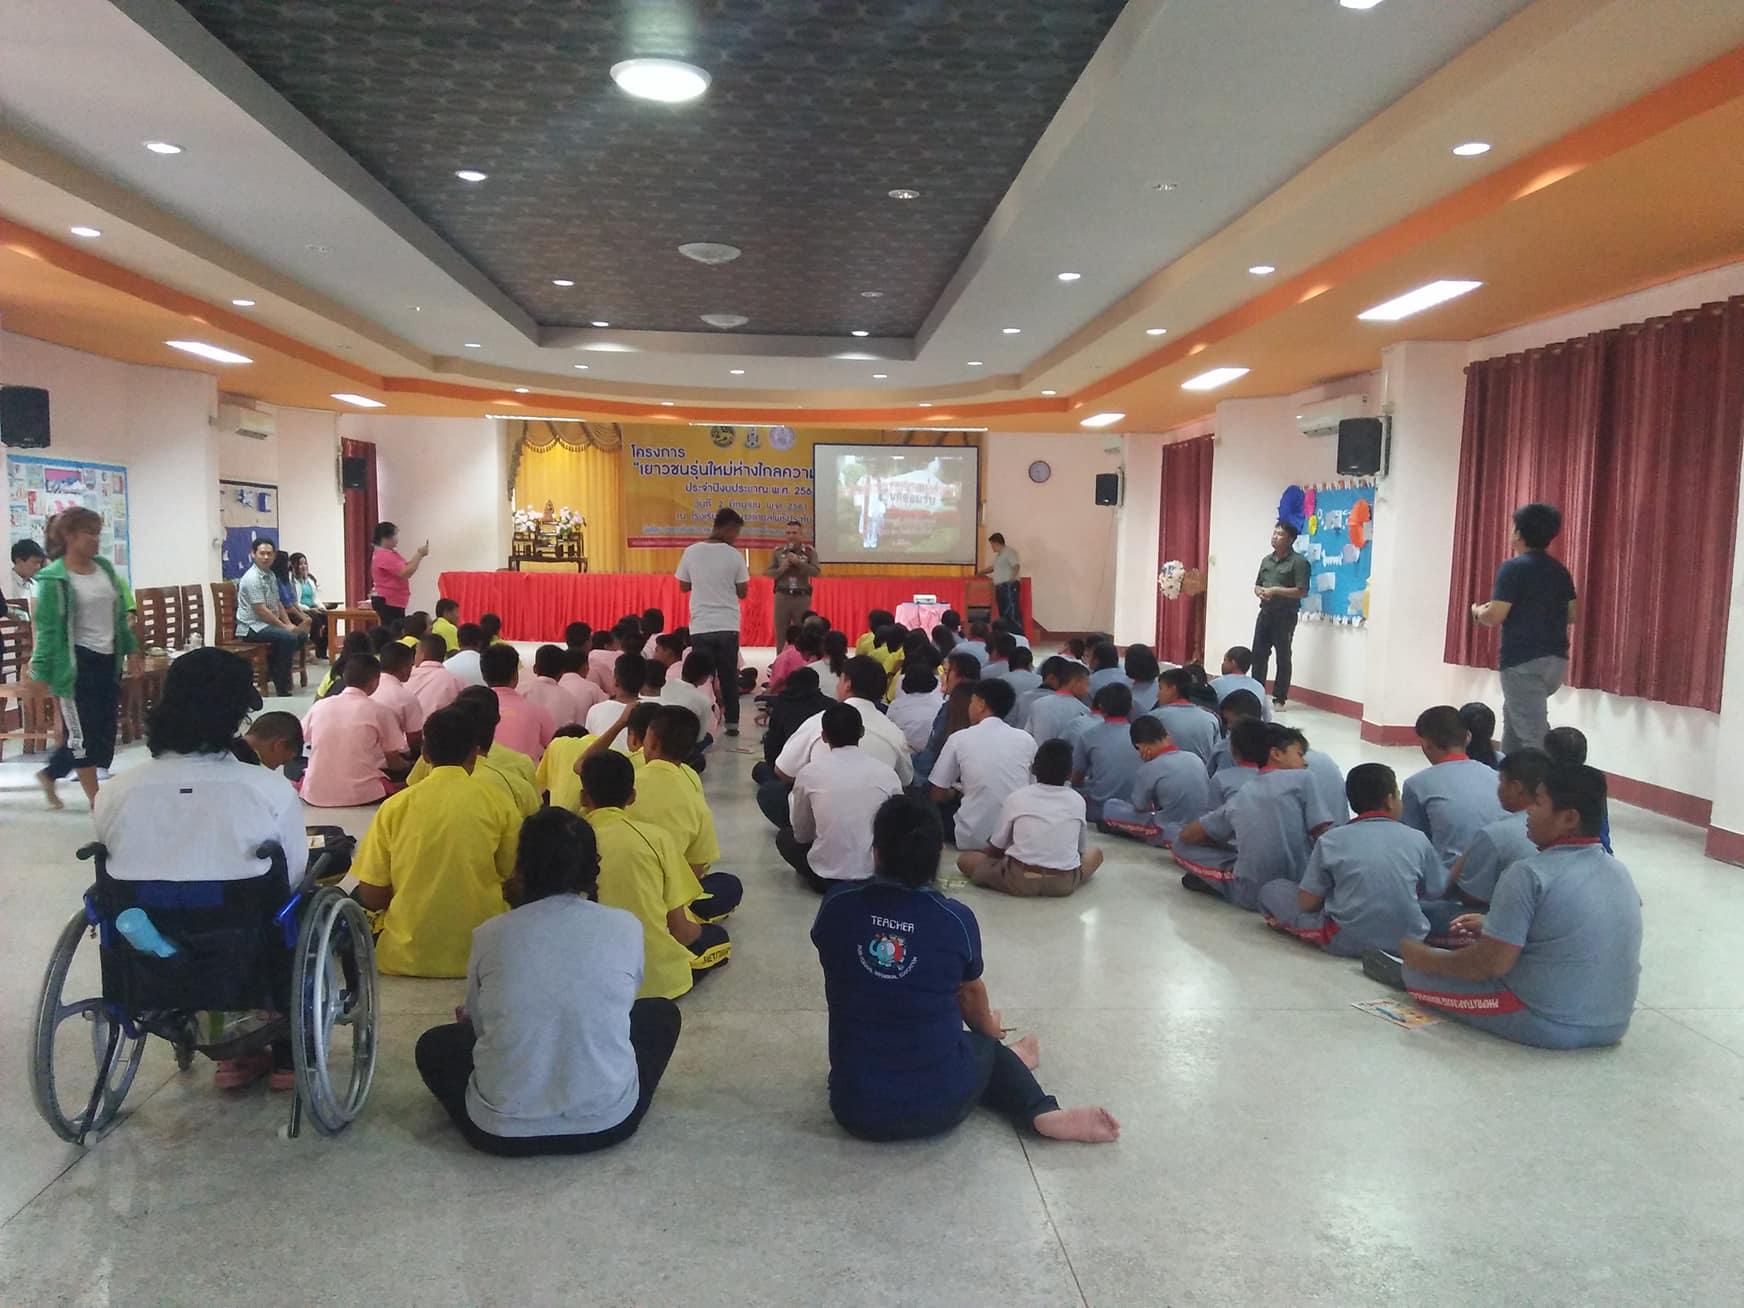 ร่วมกิจกรรมสภาเด็กฯ ระดับอำเภอ วันที่2มิย.61 ที่รร.ทต.โพธิ์ประทับช้าง